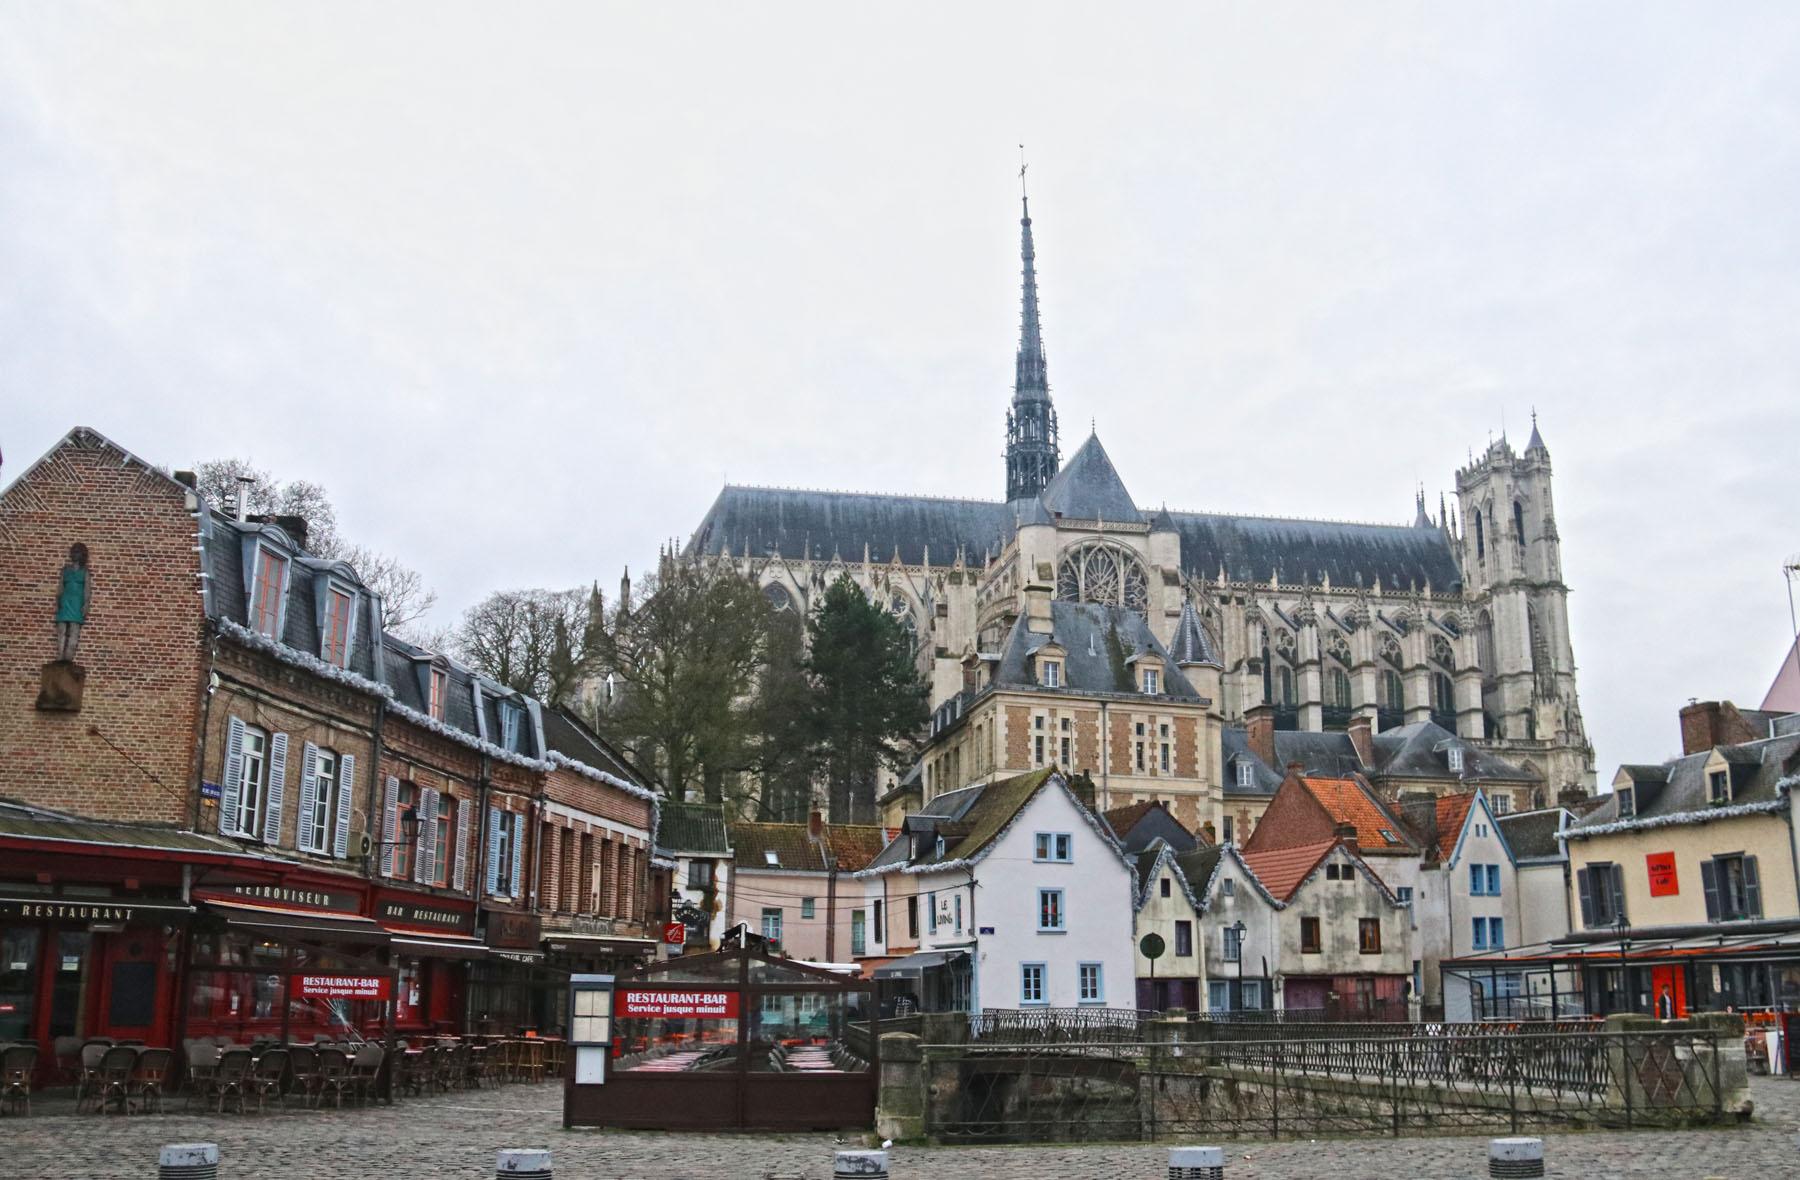 Stadswandeling langs historische plekken in Amiens